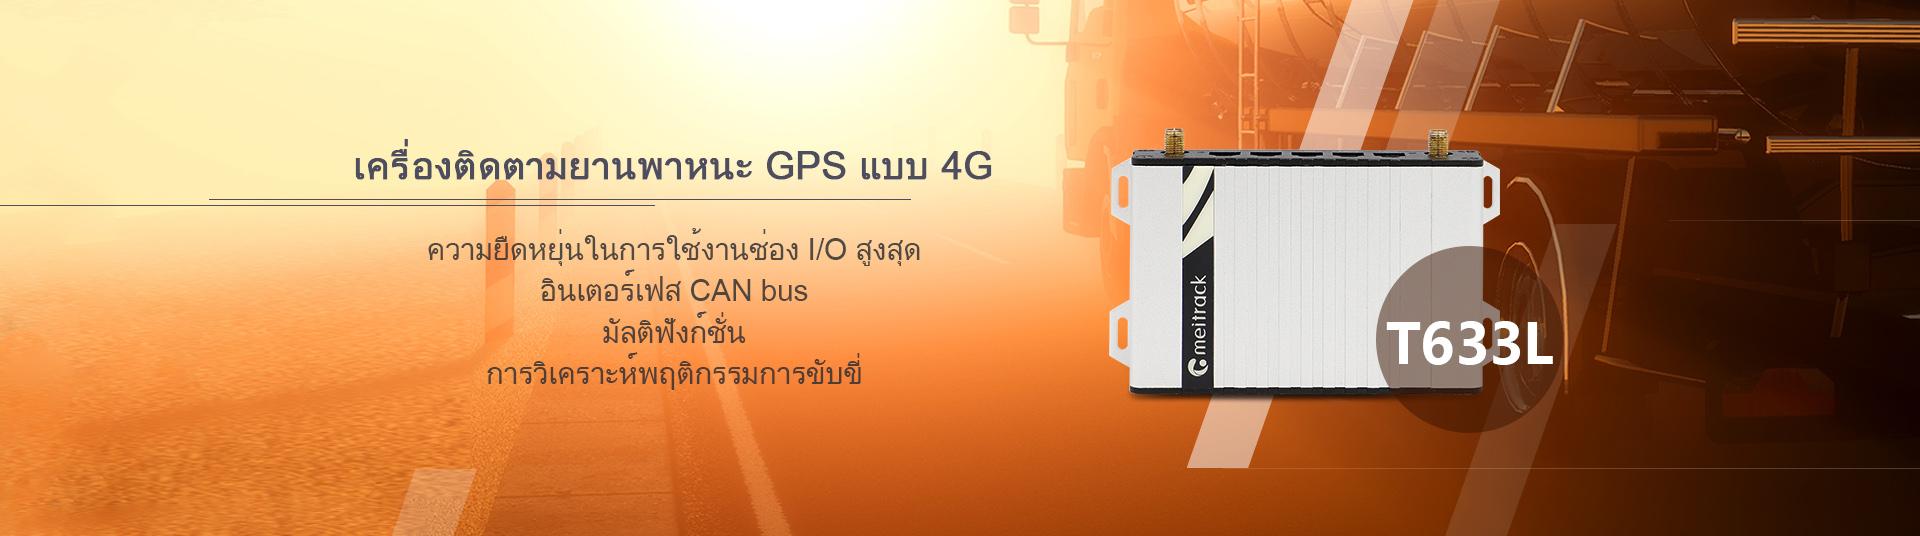 T633L_th